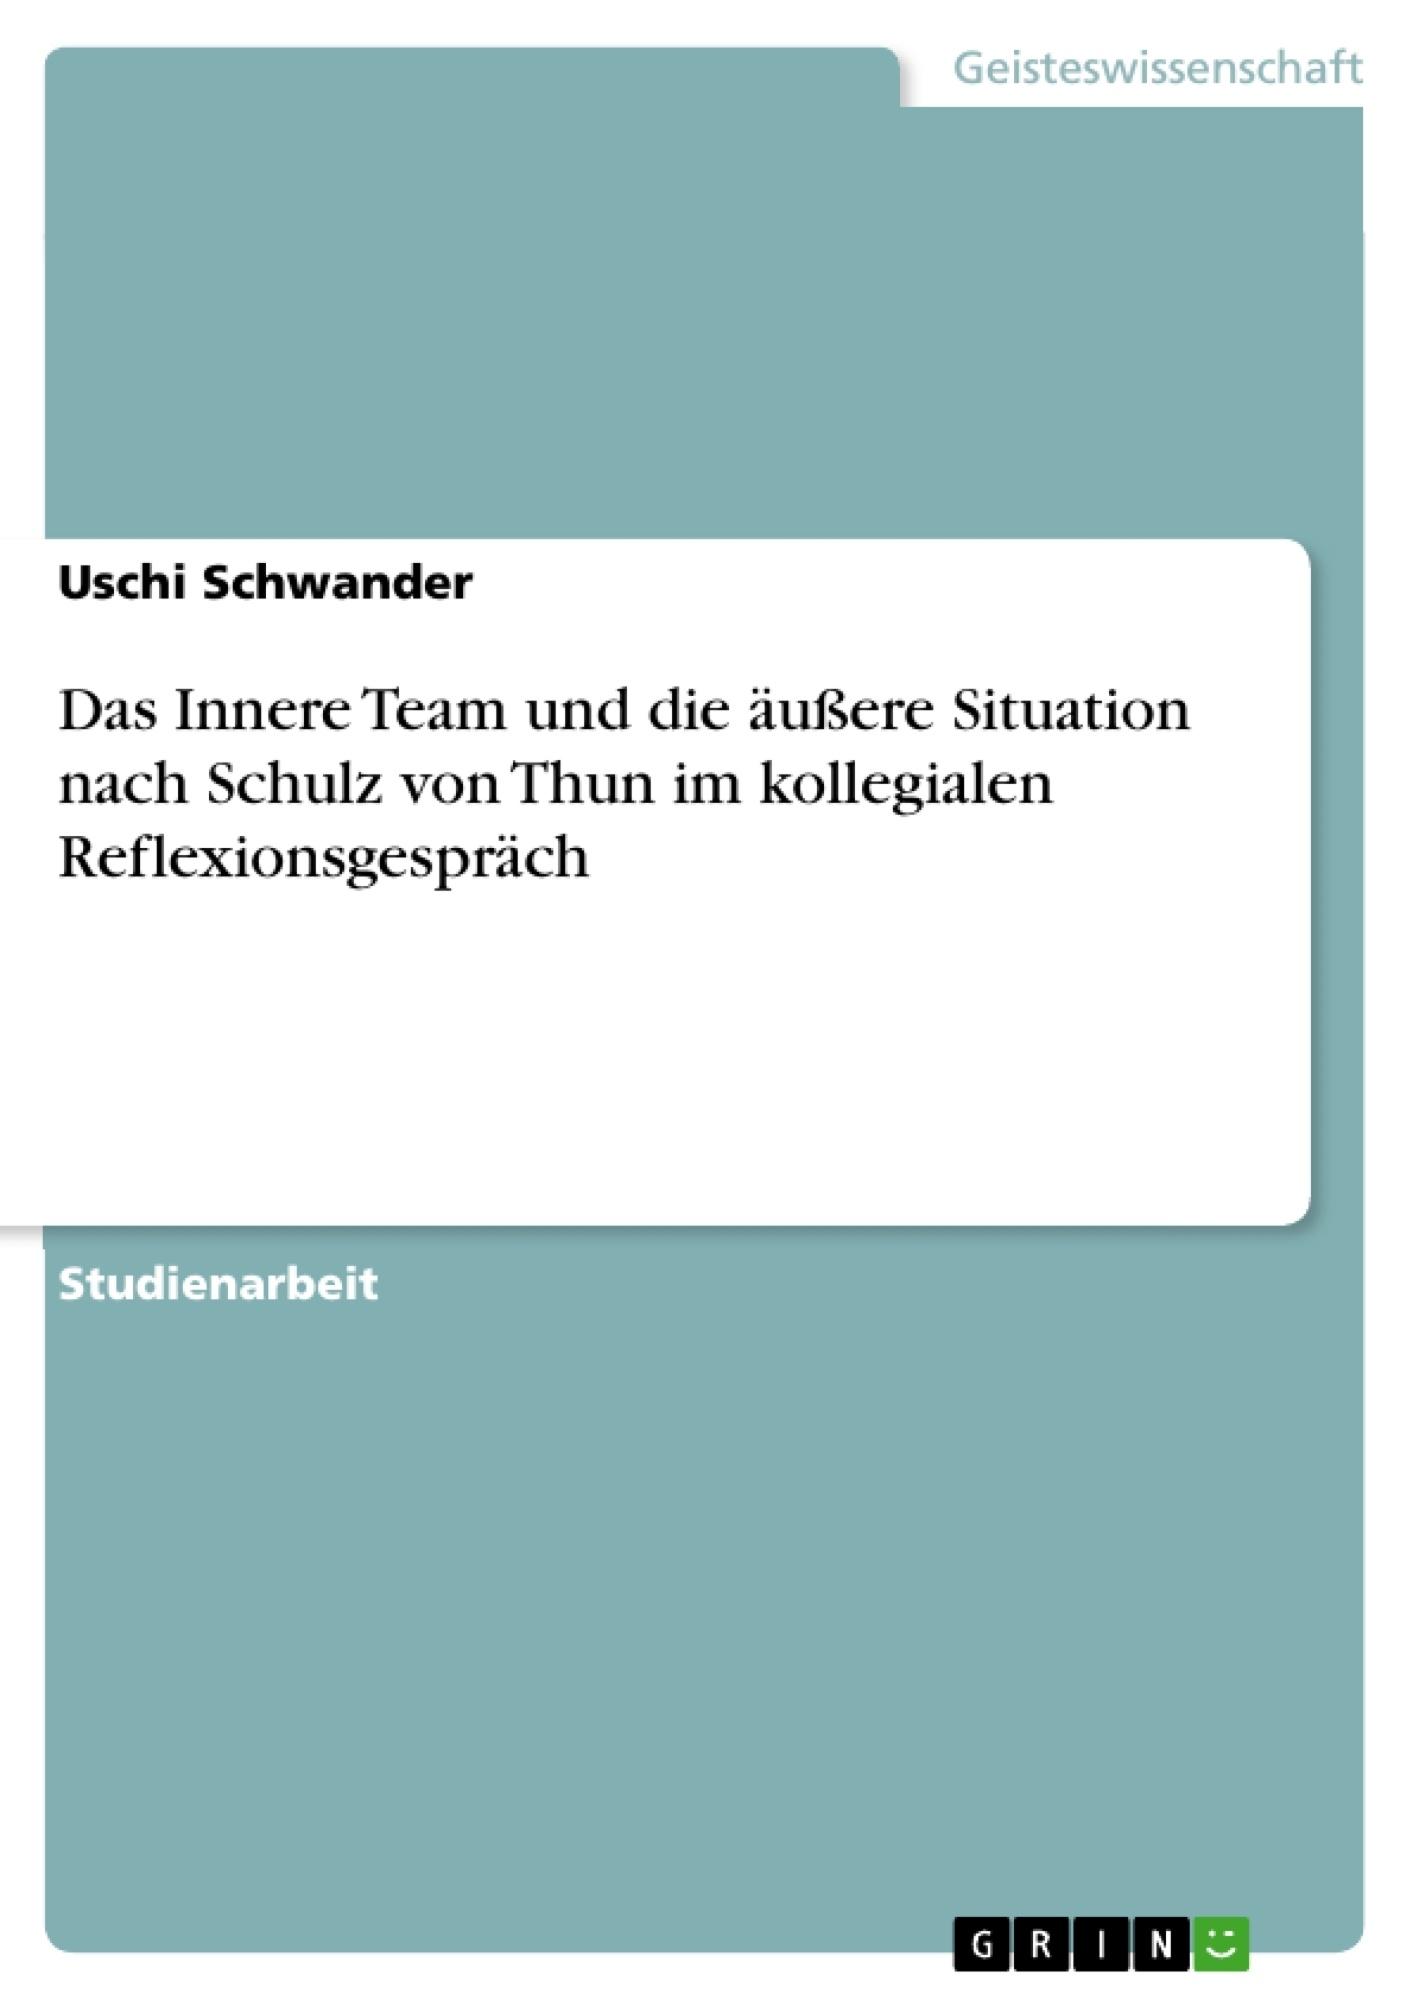 Titel: Das Innere Team und die äußere Situation nach Schulz von Thun im kollegialen Reflexionsgespräch